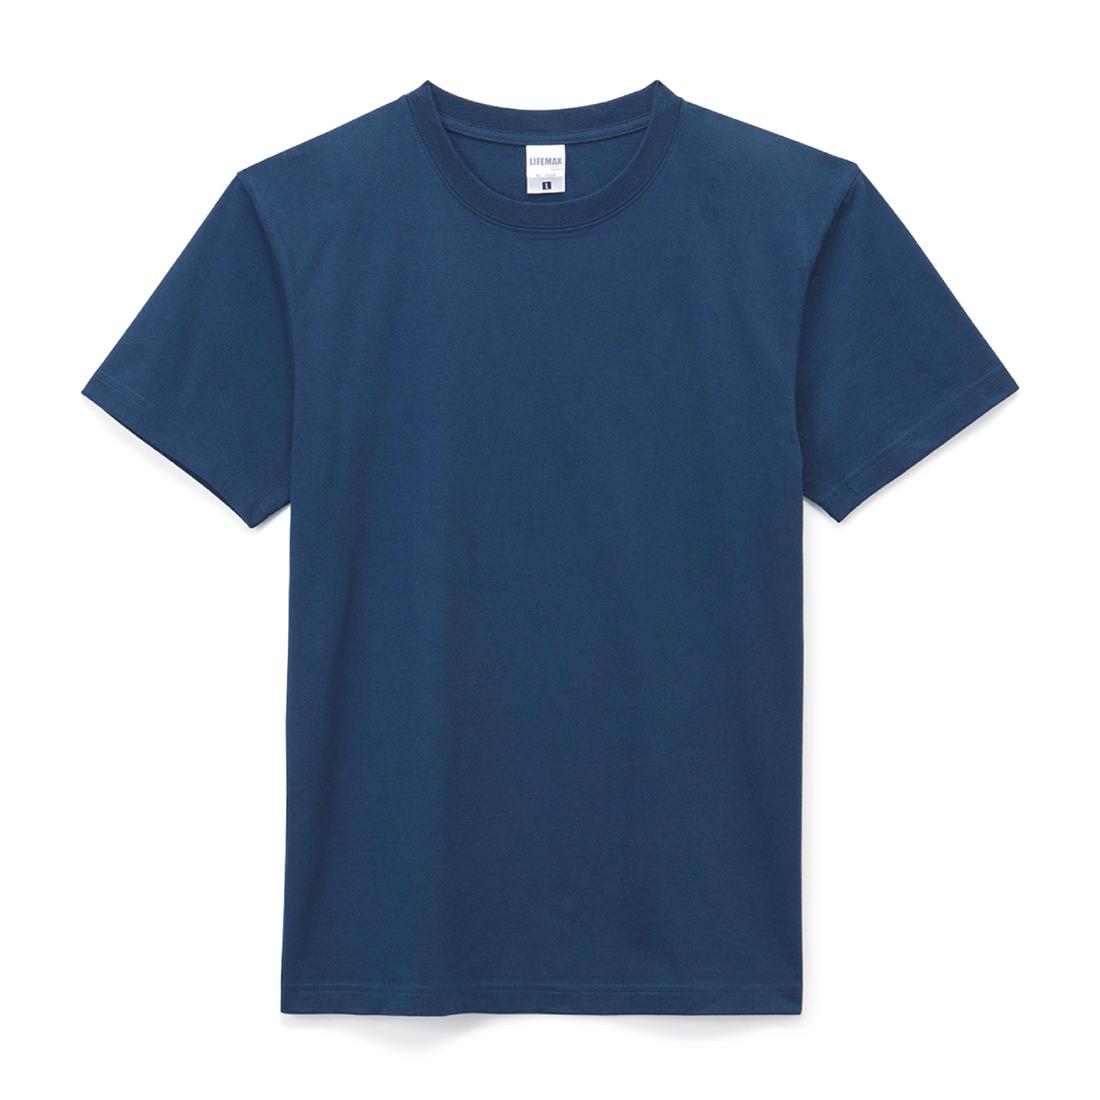 Tシャツ ネイビー